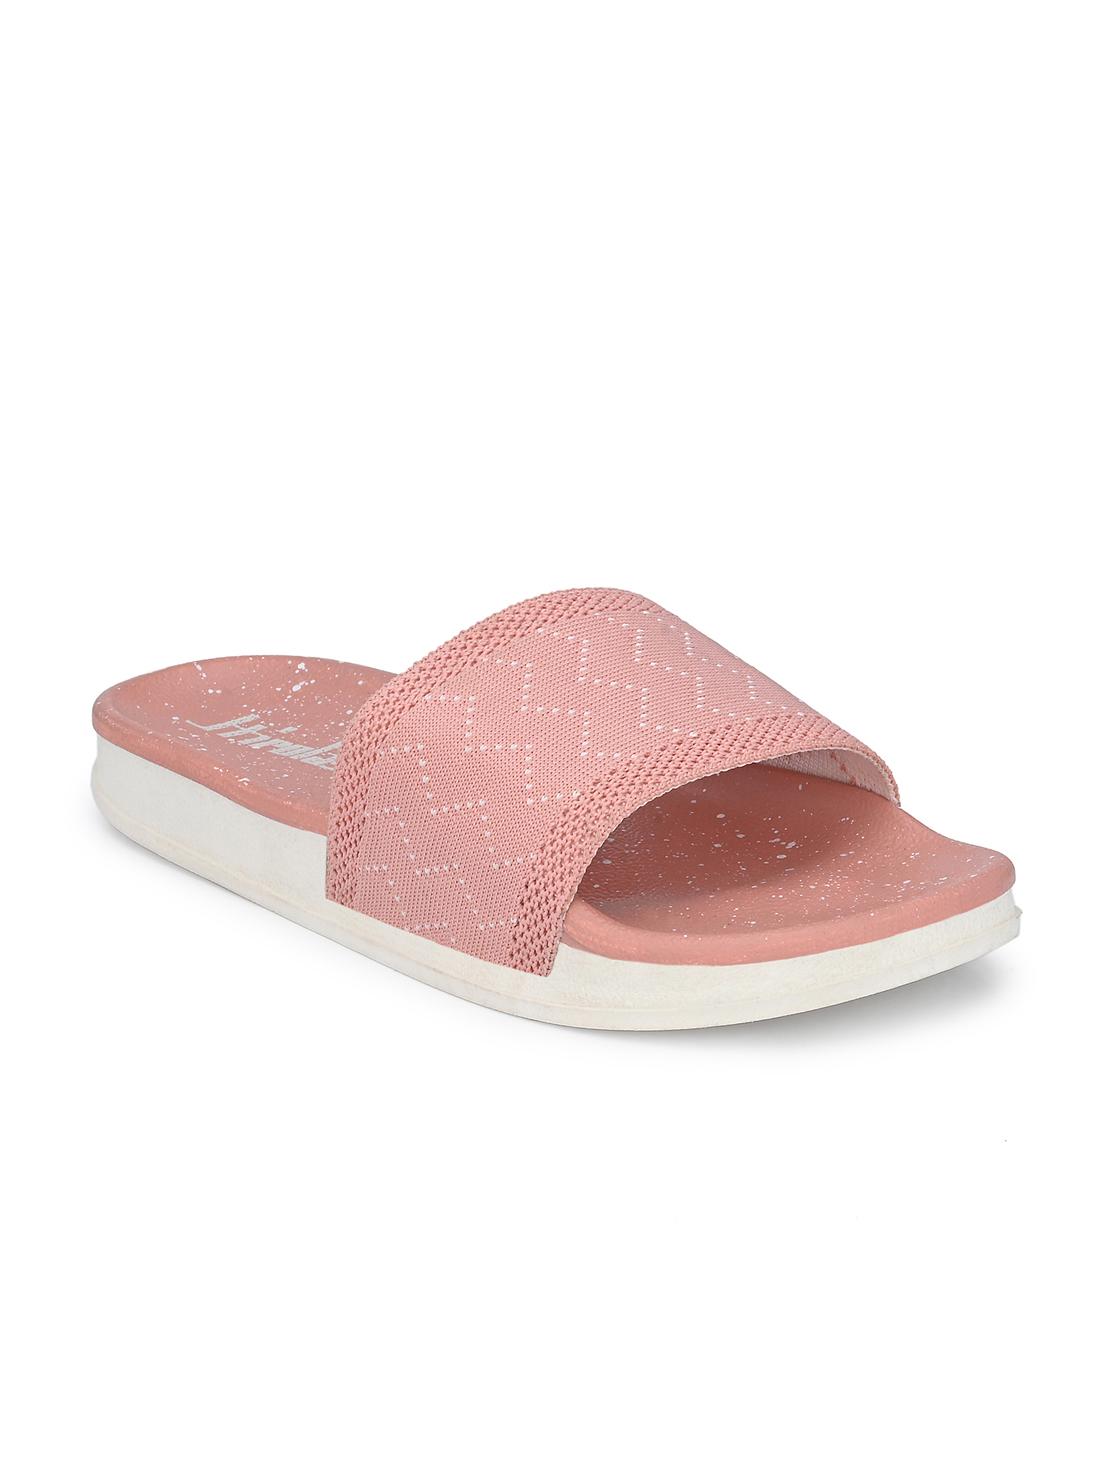 Hirolas   Hirolas® Women Knitted Slipper Sliders - Pink